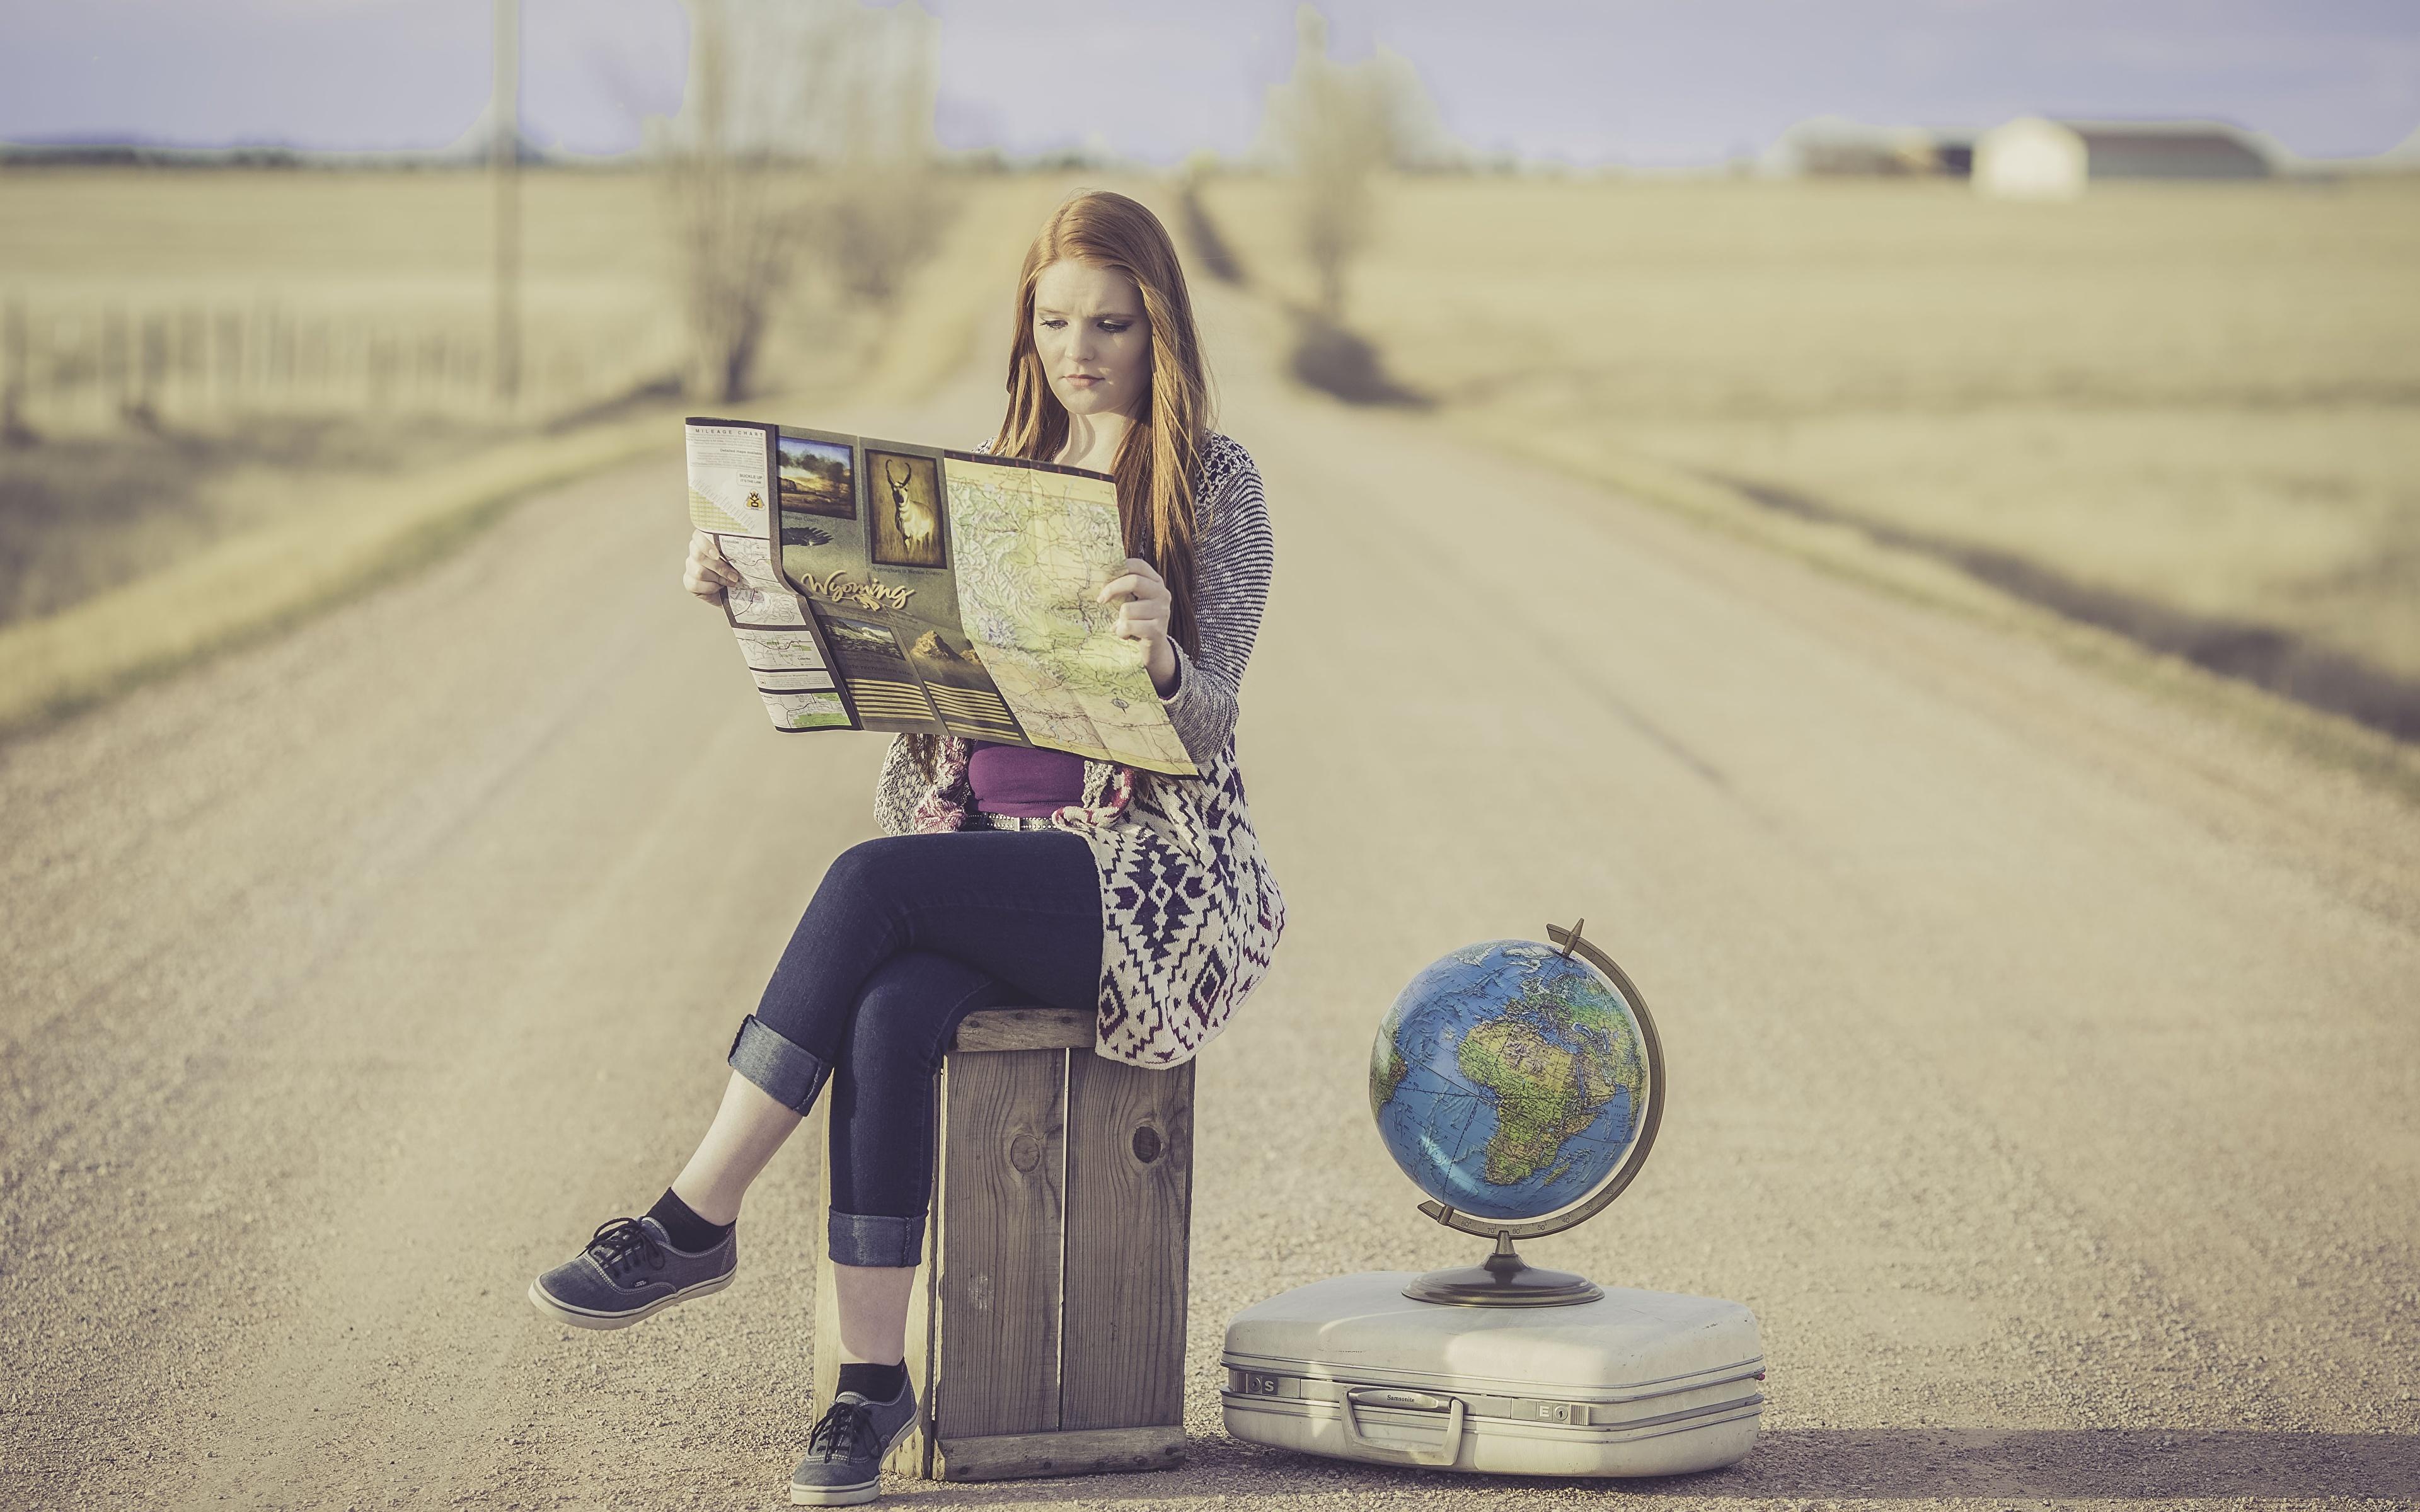 Bilder von Mädchens Globus Tourist Koffer Straße Sitzend 3840x2400 Reisender Wege